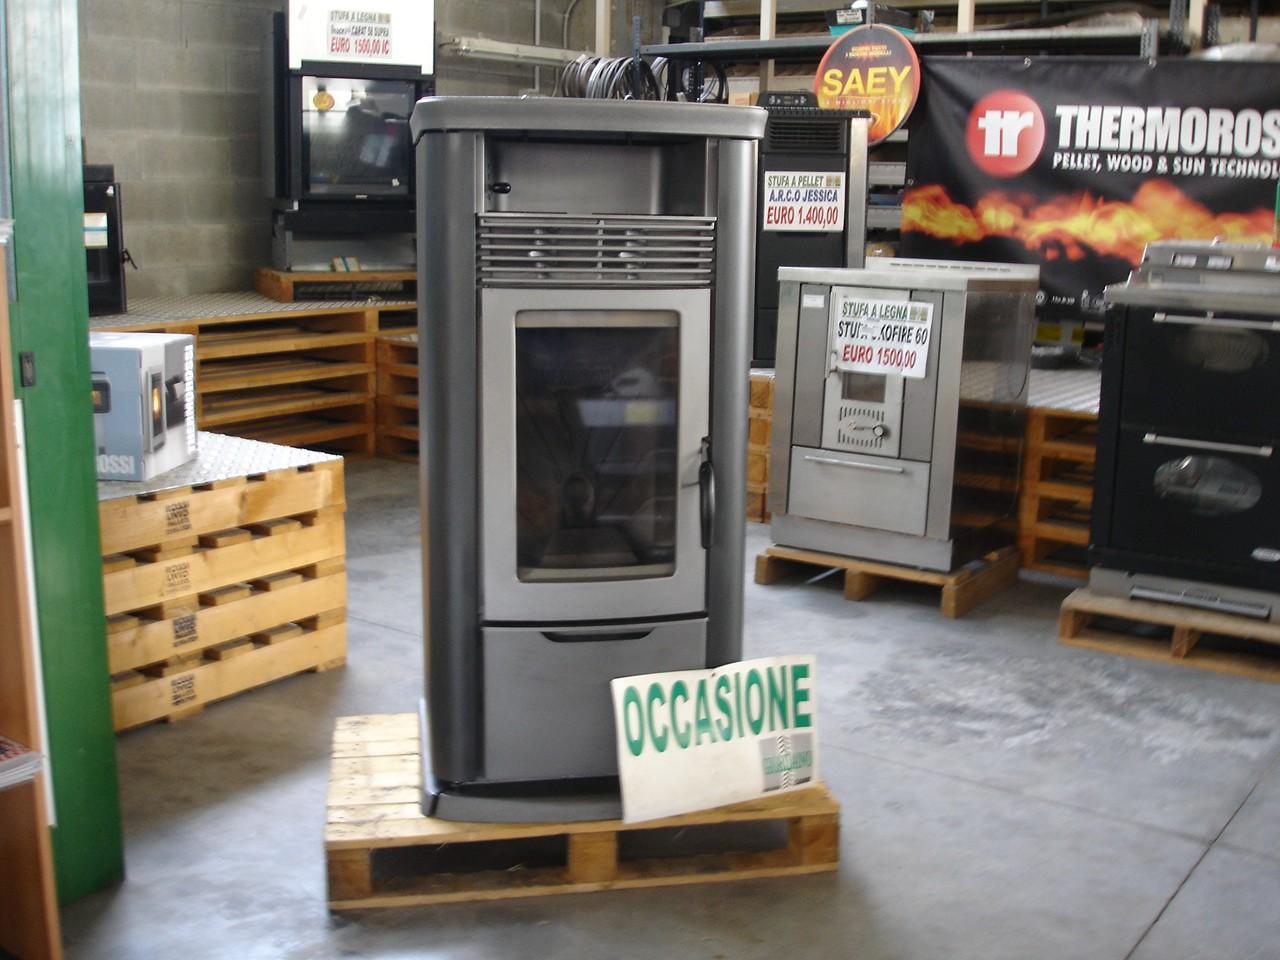 Stufa usata thermorossi modello 7000 easy a pellet - Stufe a pellet usate prezzi ...